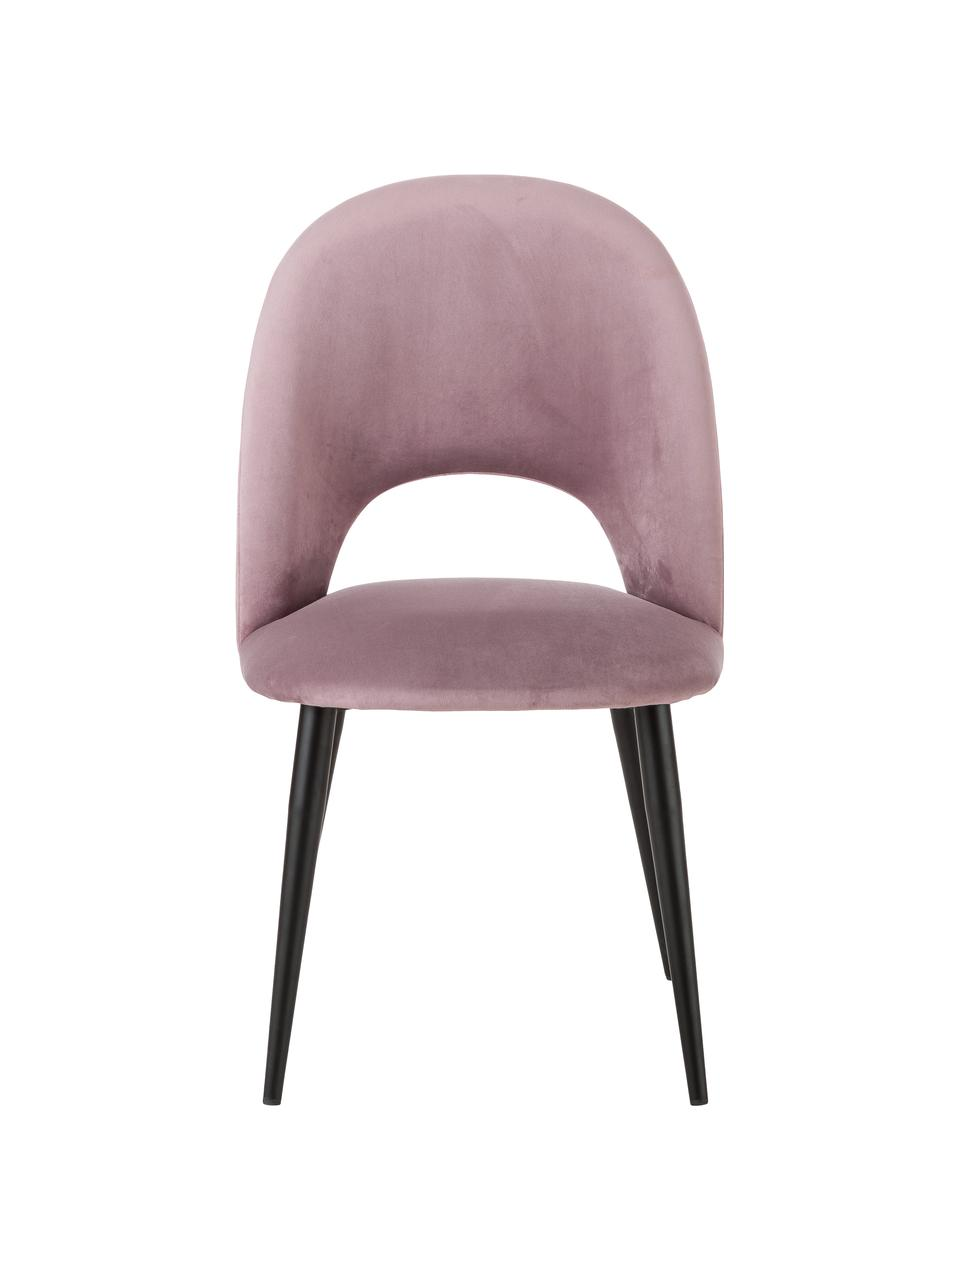 Fluwelen stoel Rachel in roze, Bekleding: fluweel (hoogwaardig poly, Poten: gepoedercoat metaal, Fluweel roze, B 53 x D 57 cm